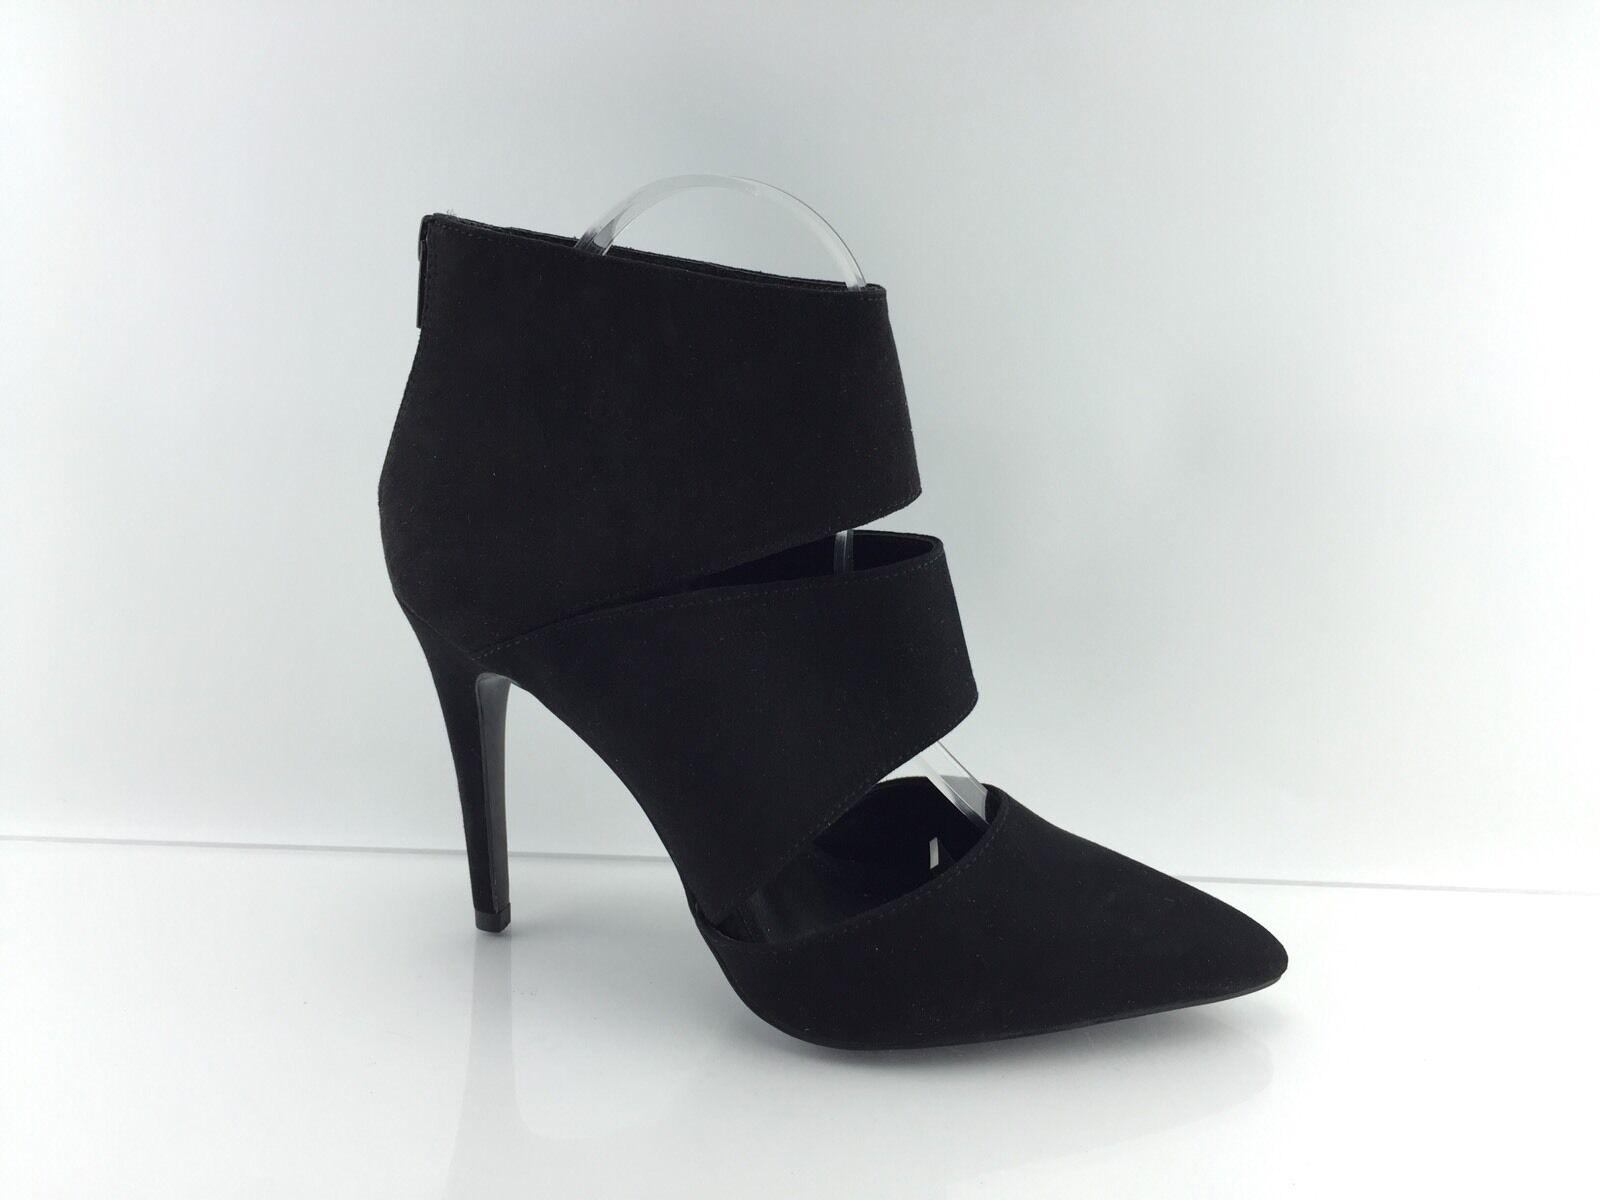 le migliori marche vendono a buon mercato Kurt Geiger Donna Donna Donna  nero Heels 39  conveniente